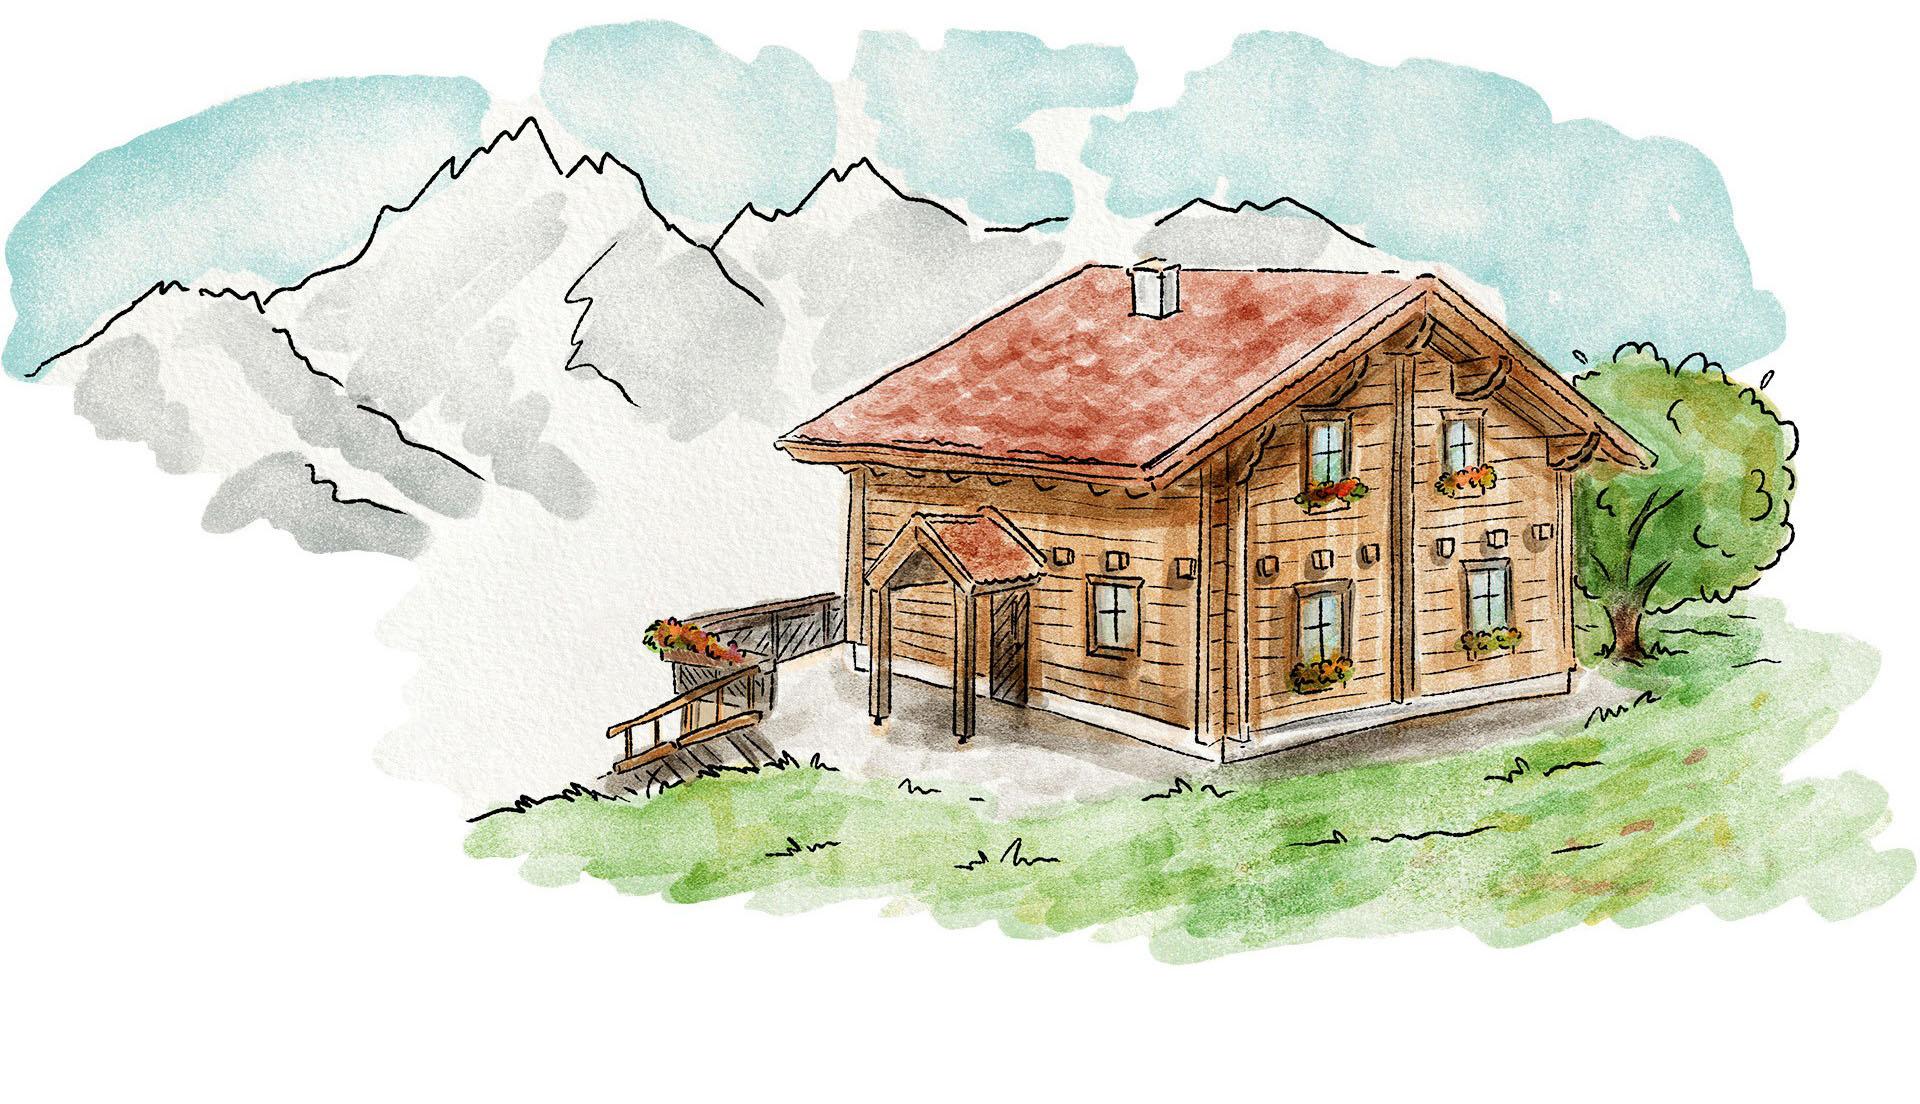 Eine Aquarell-Illustration eines österreichisch-bayerischen Holzhauses mit Terrasse und Blick auf die Alpen